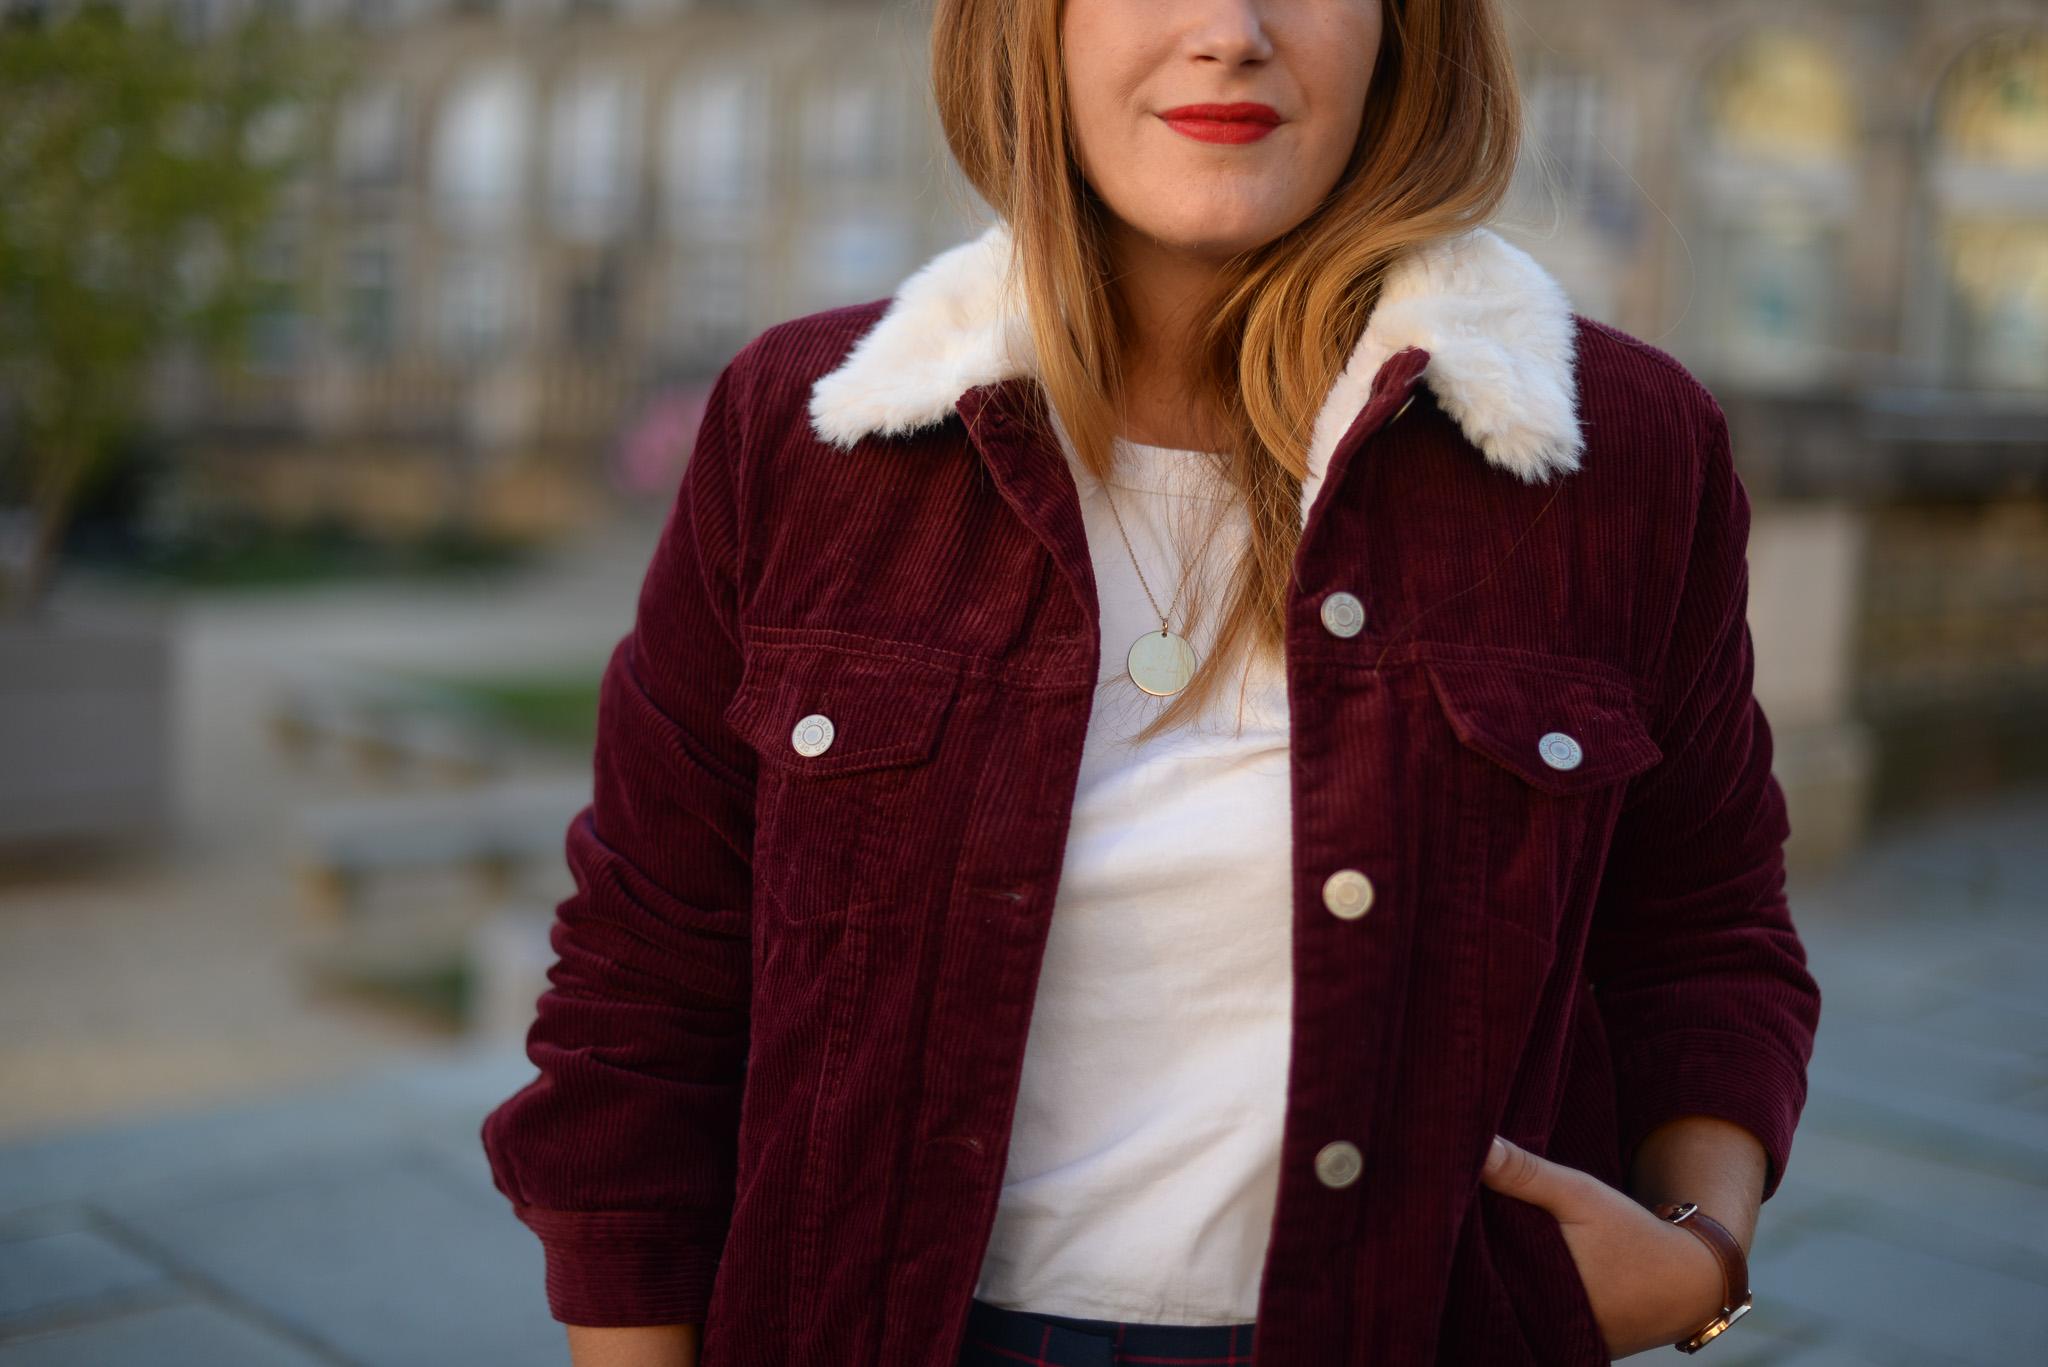 manteau velours primark